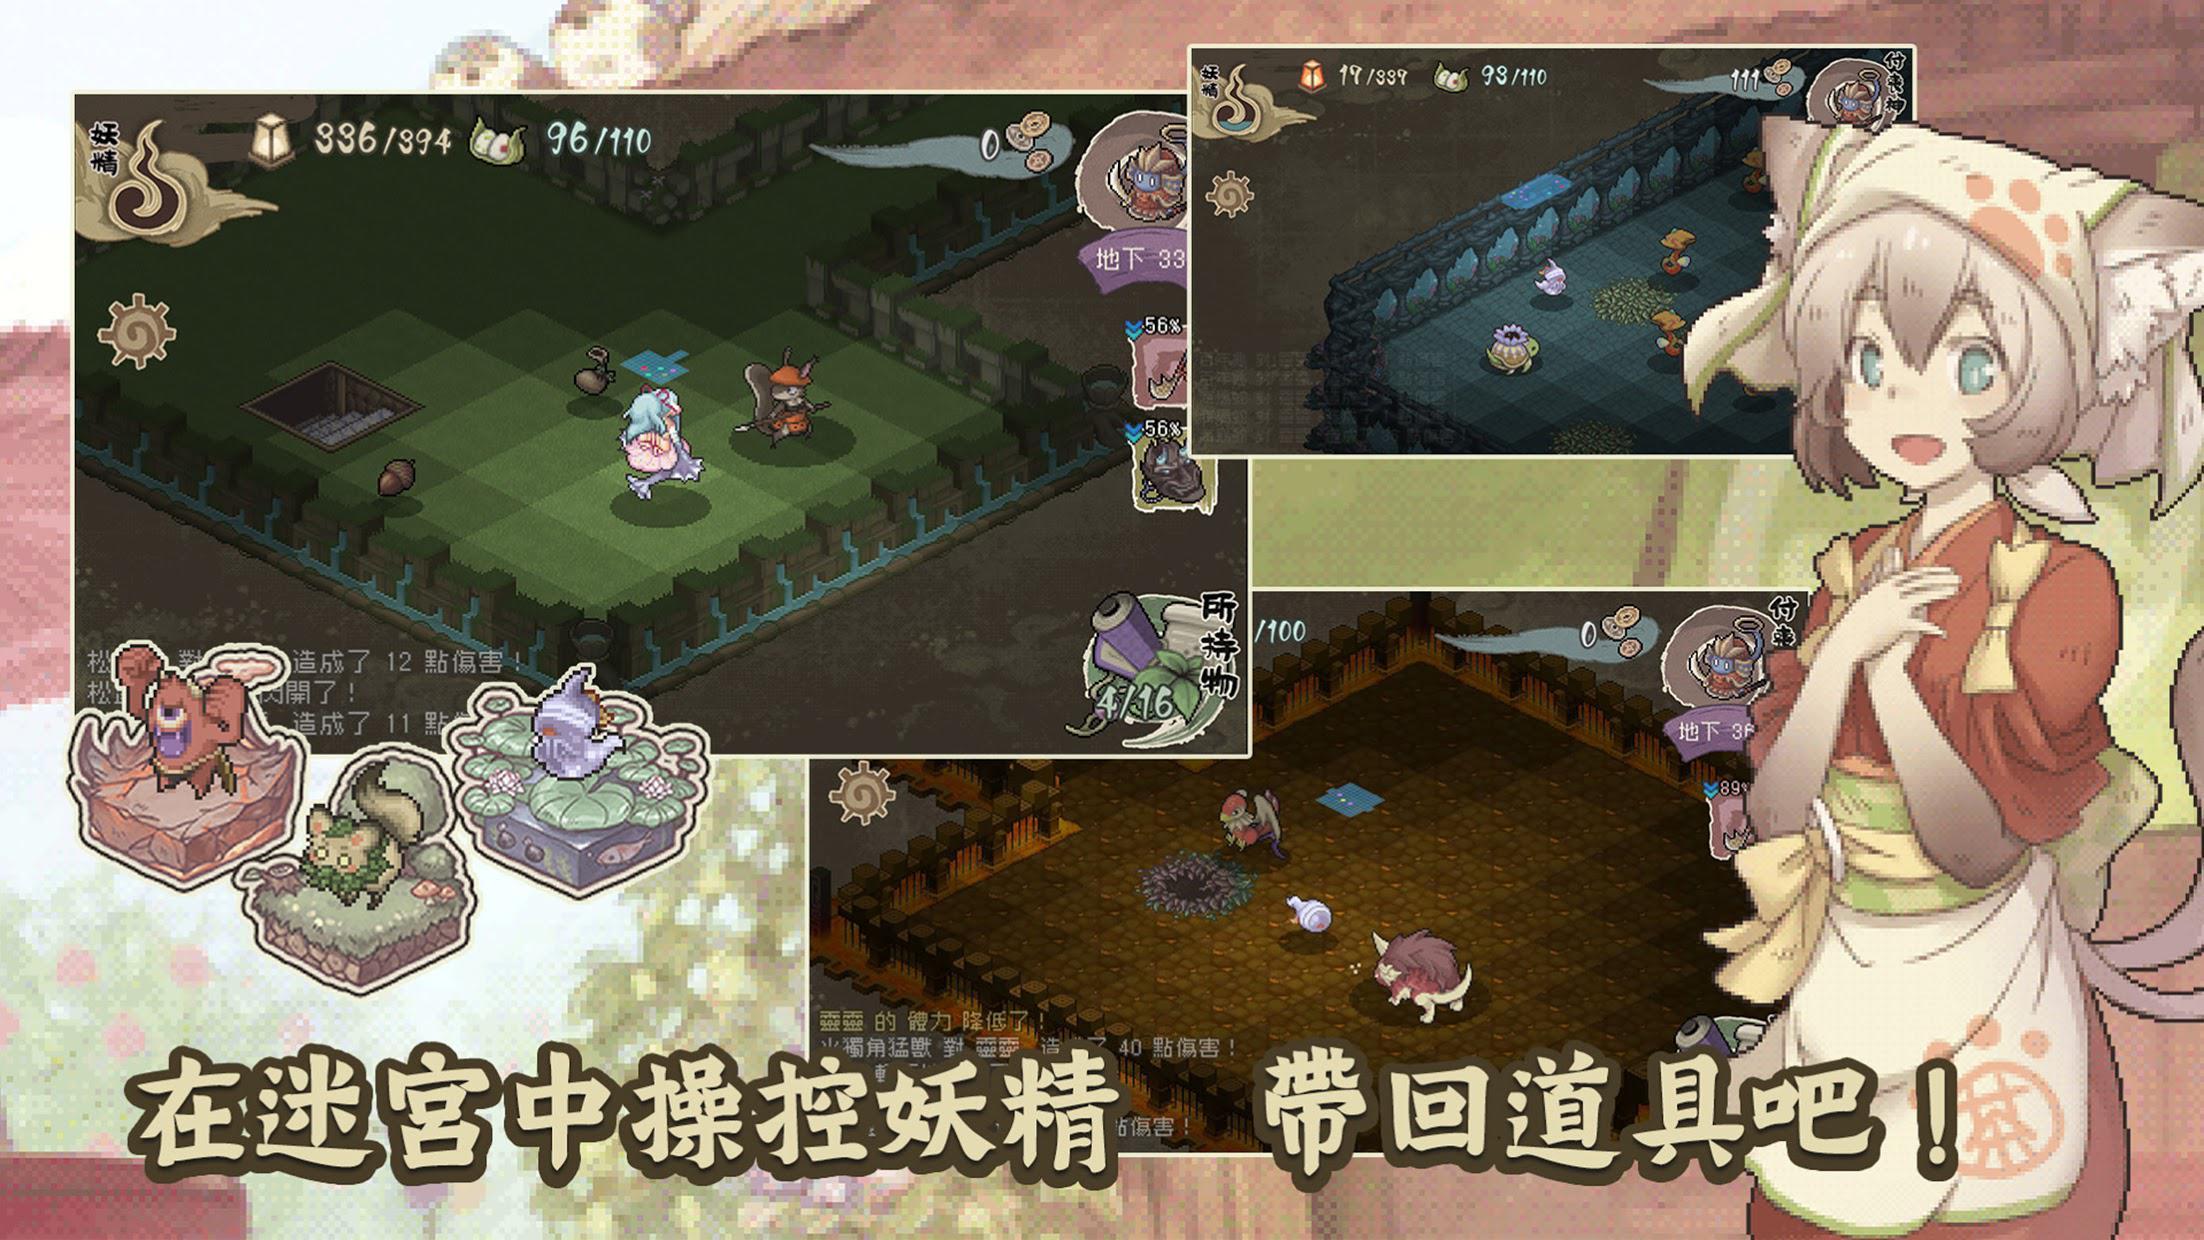 妖精幻想乡 游戏截图1